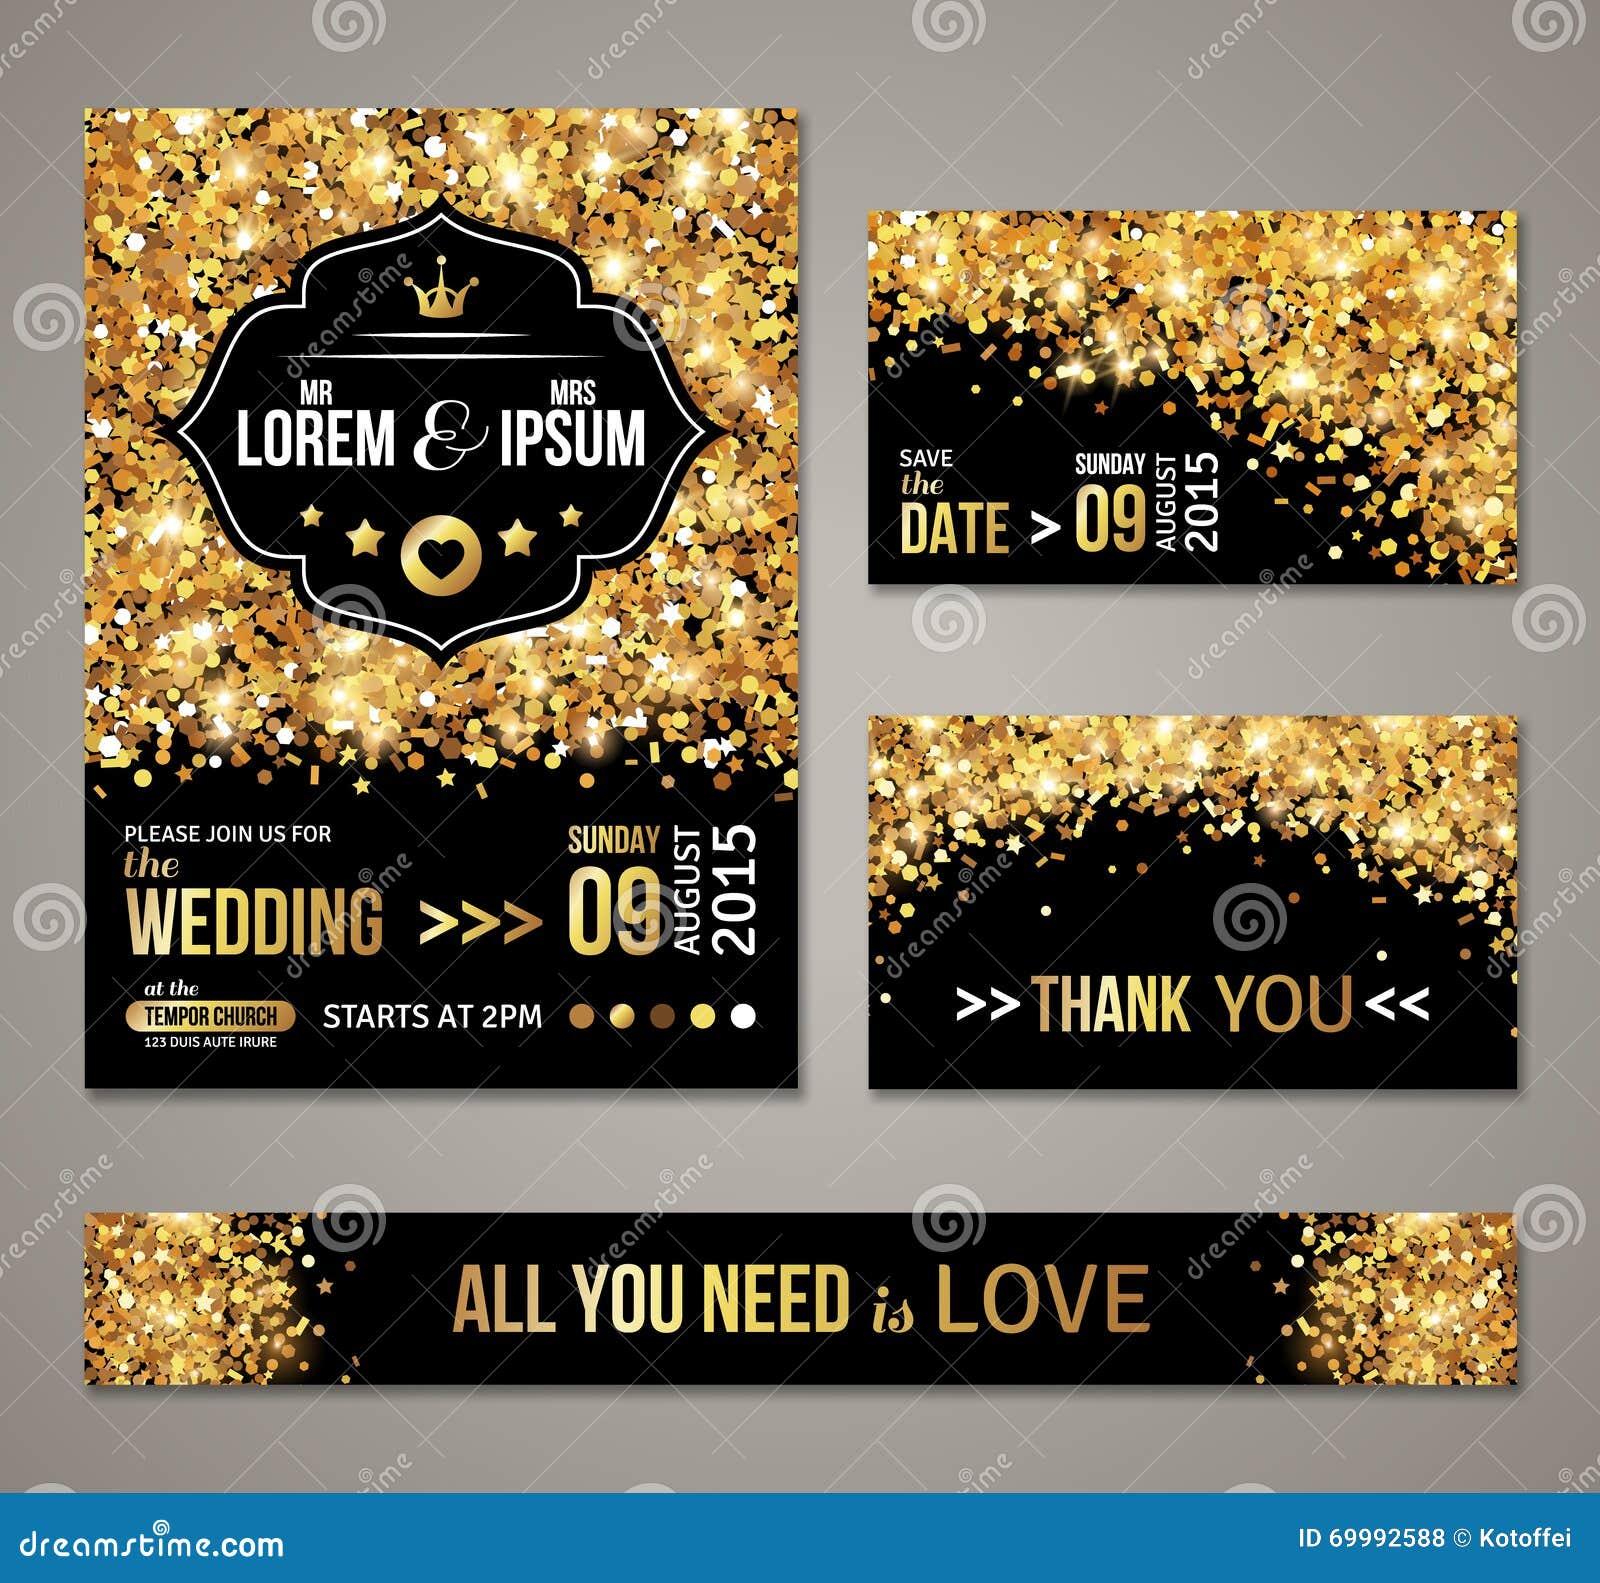 Wedding Invitation Gold Confetti And Black Background Stock